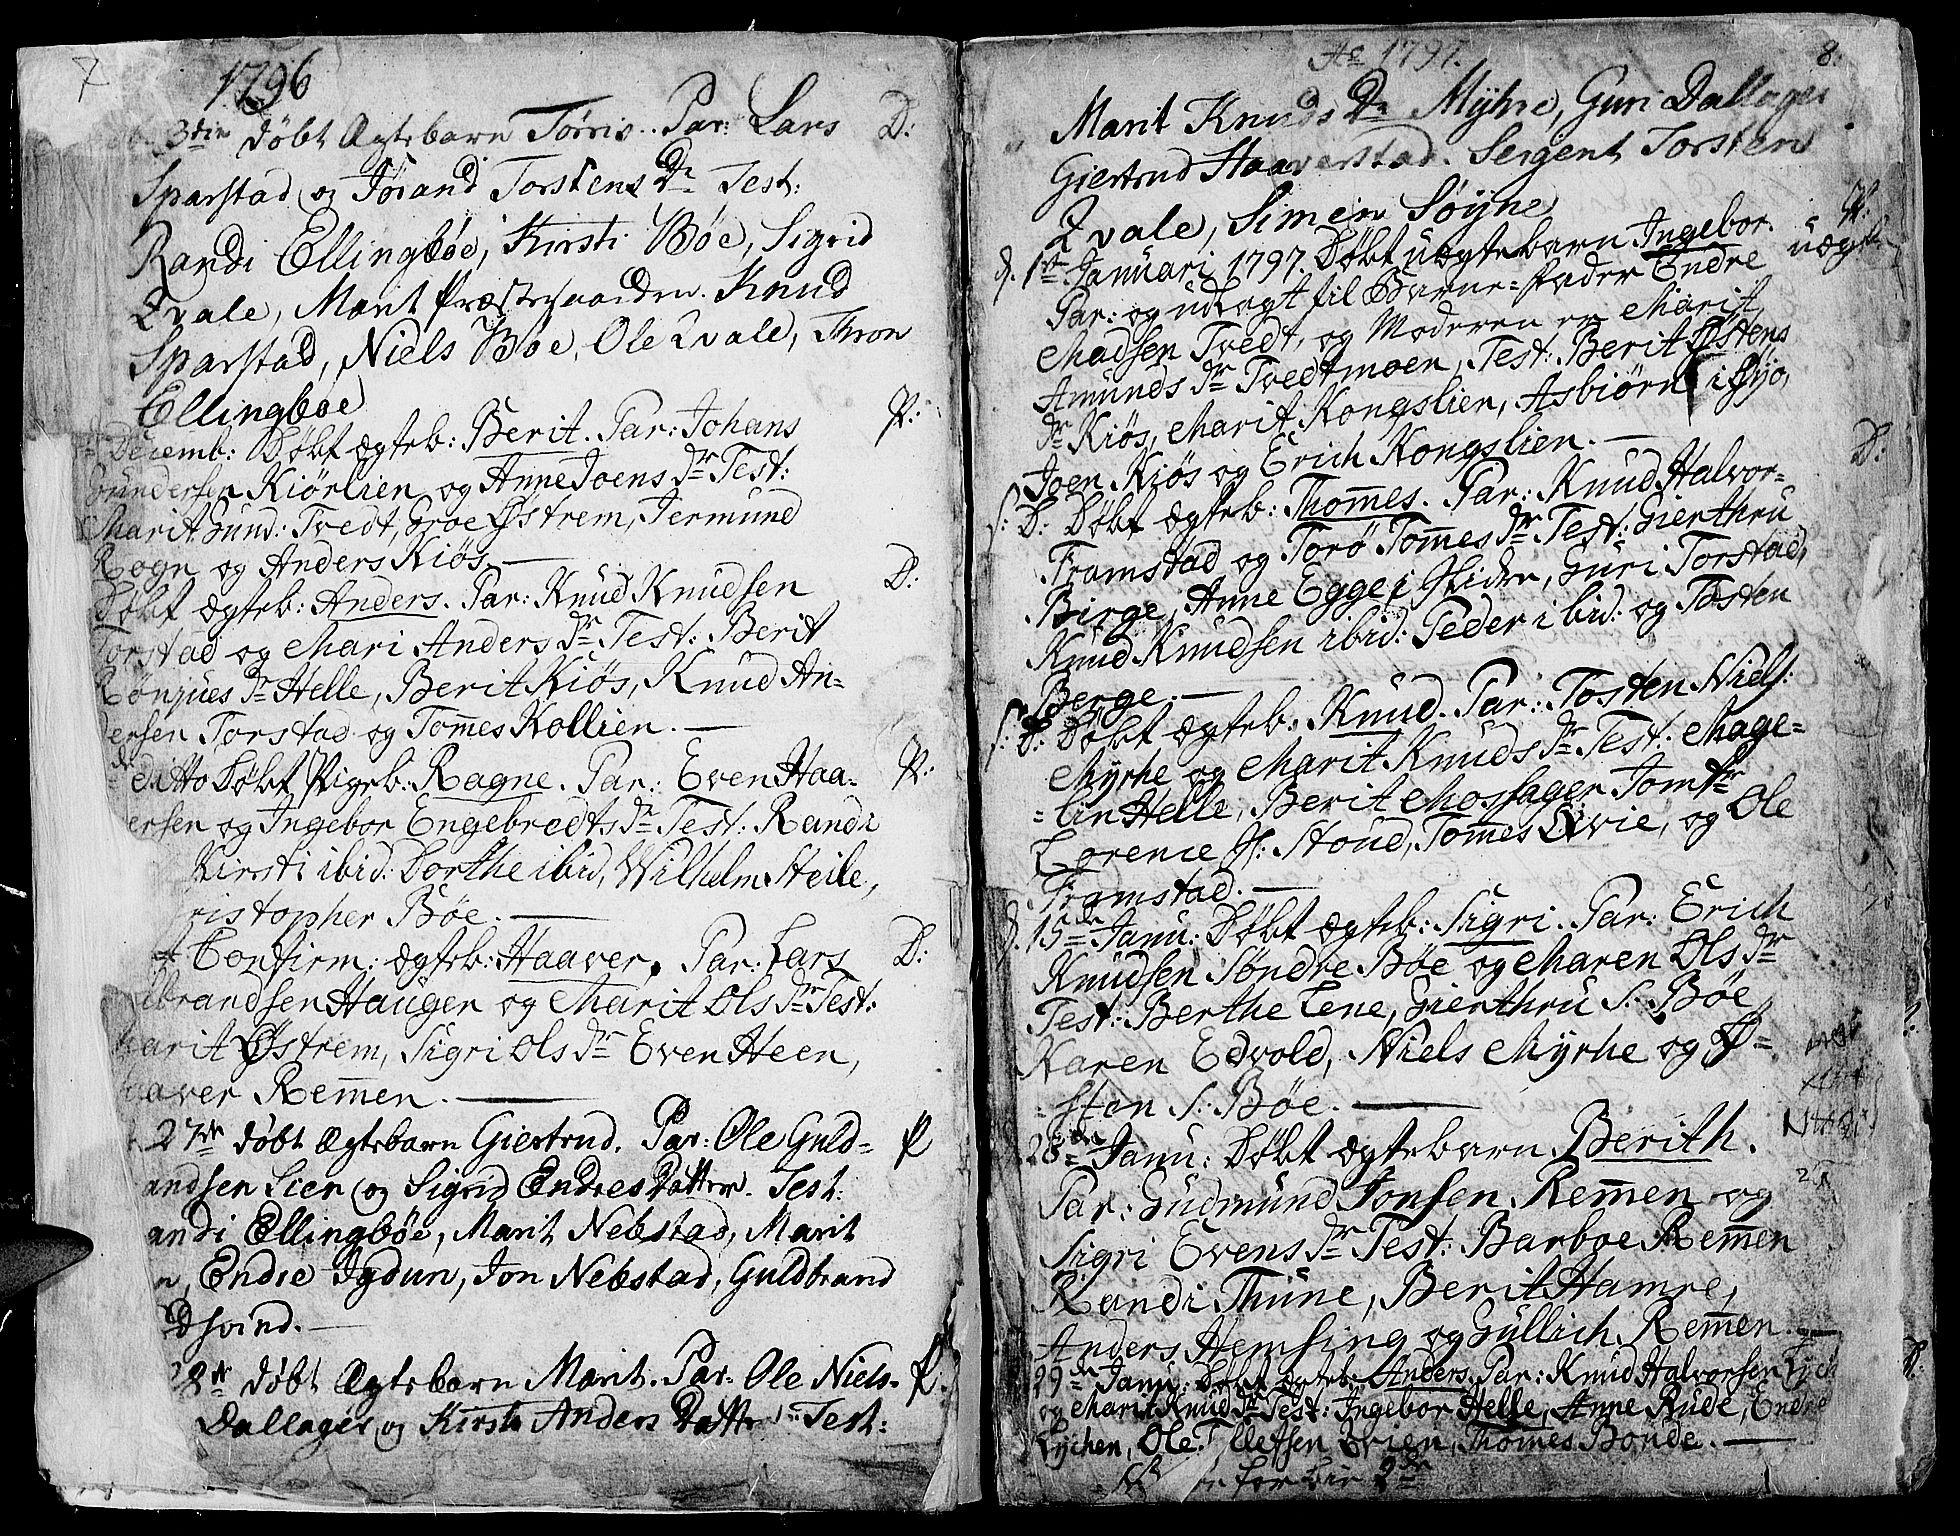 SAH, Vang prestekontor, Valdres, Ministerialbok nr. 2, 1796-1808, s. 7-8